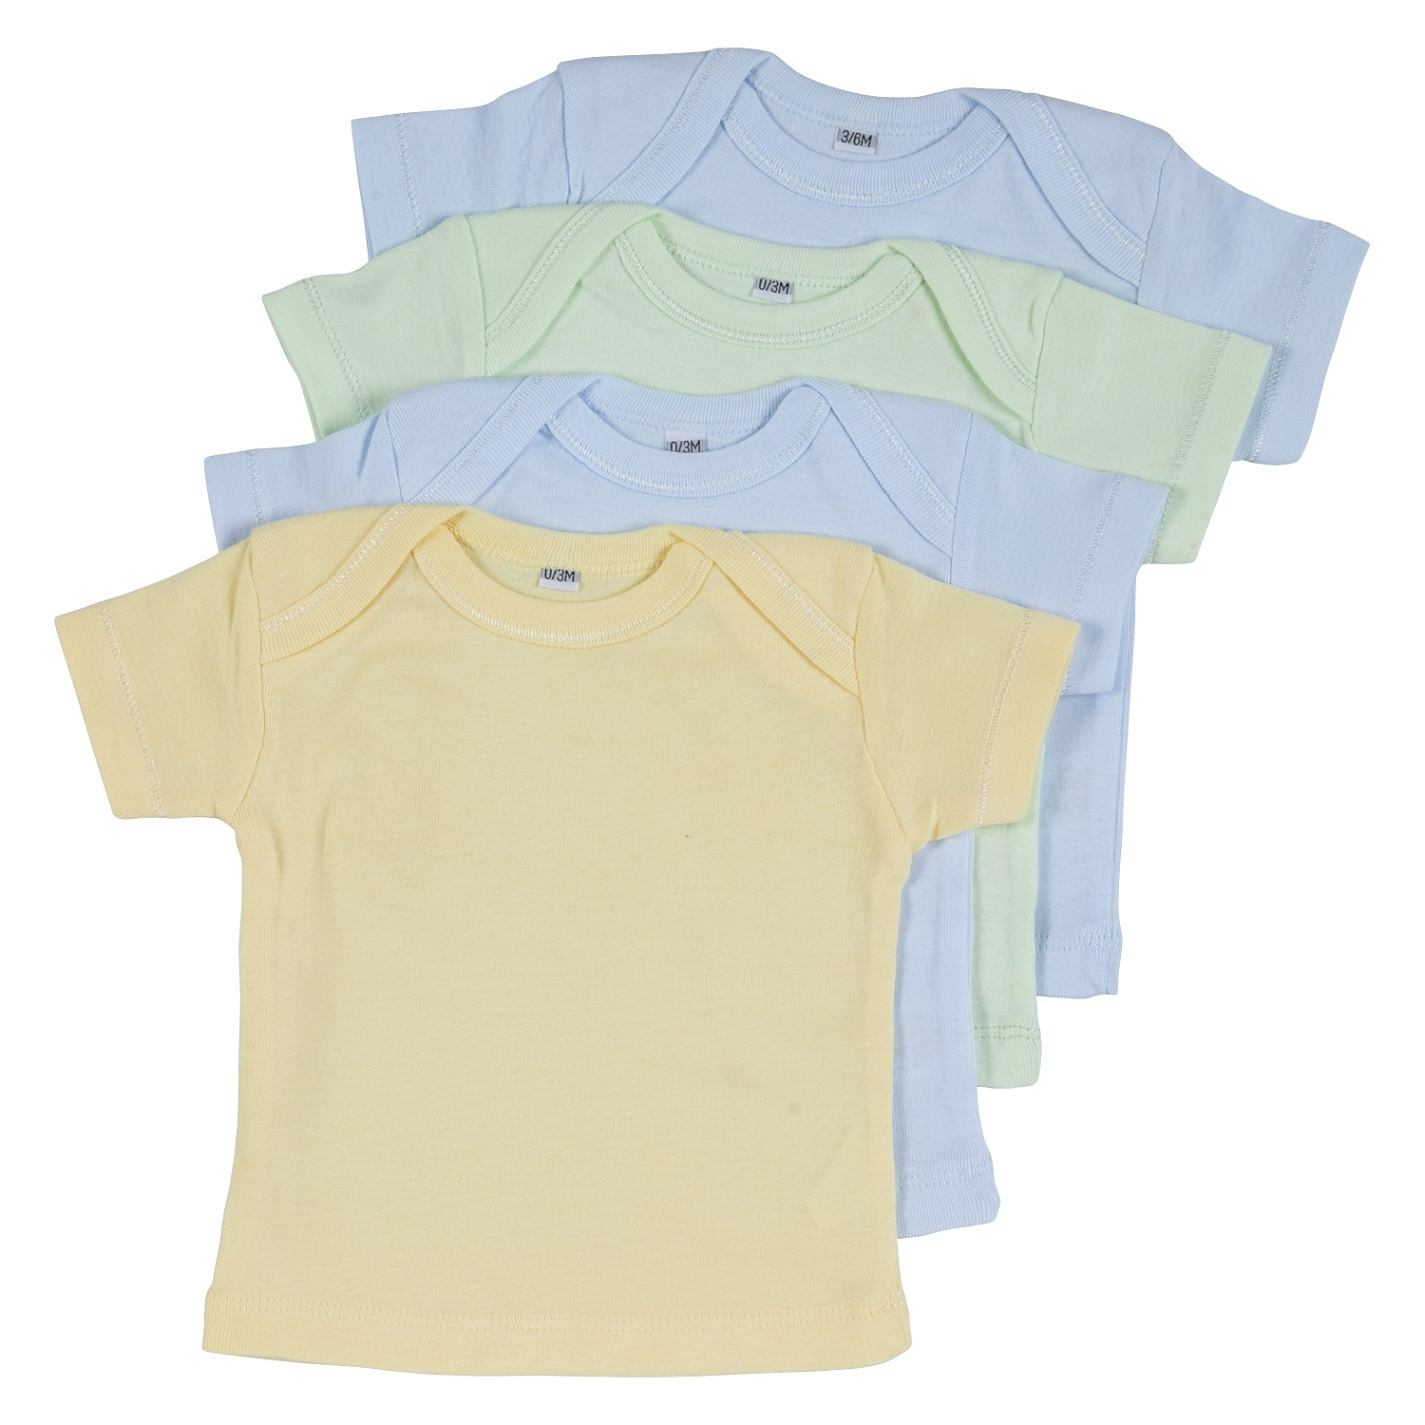 רביעיית חולצות אמריקאיות 2 תכלת-צהוב-ירוק